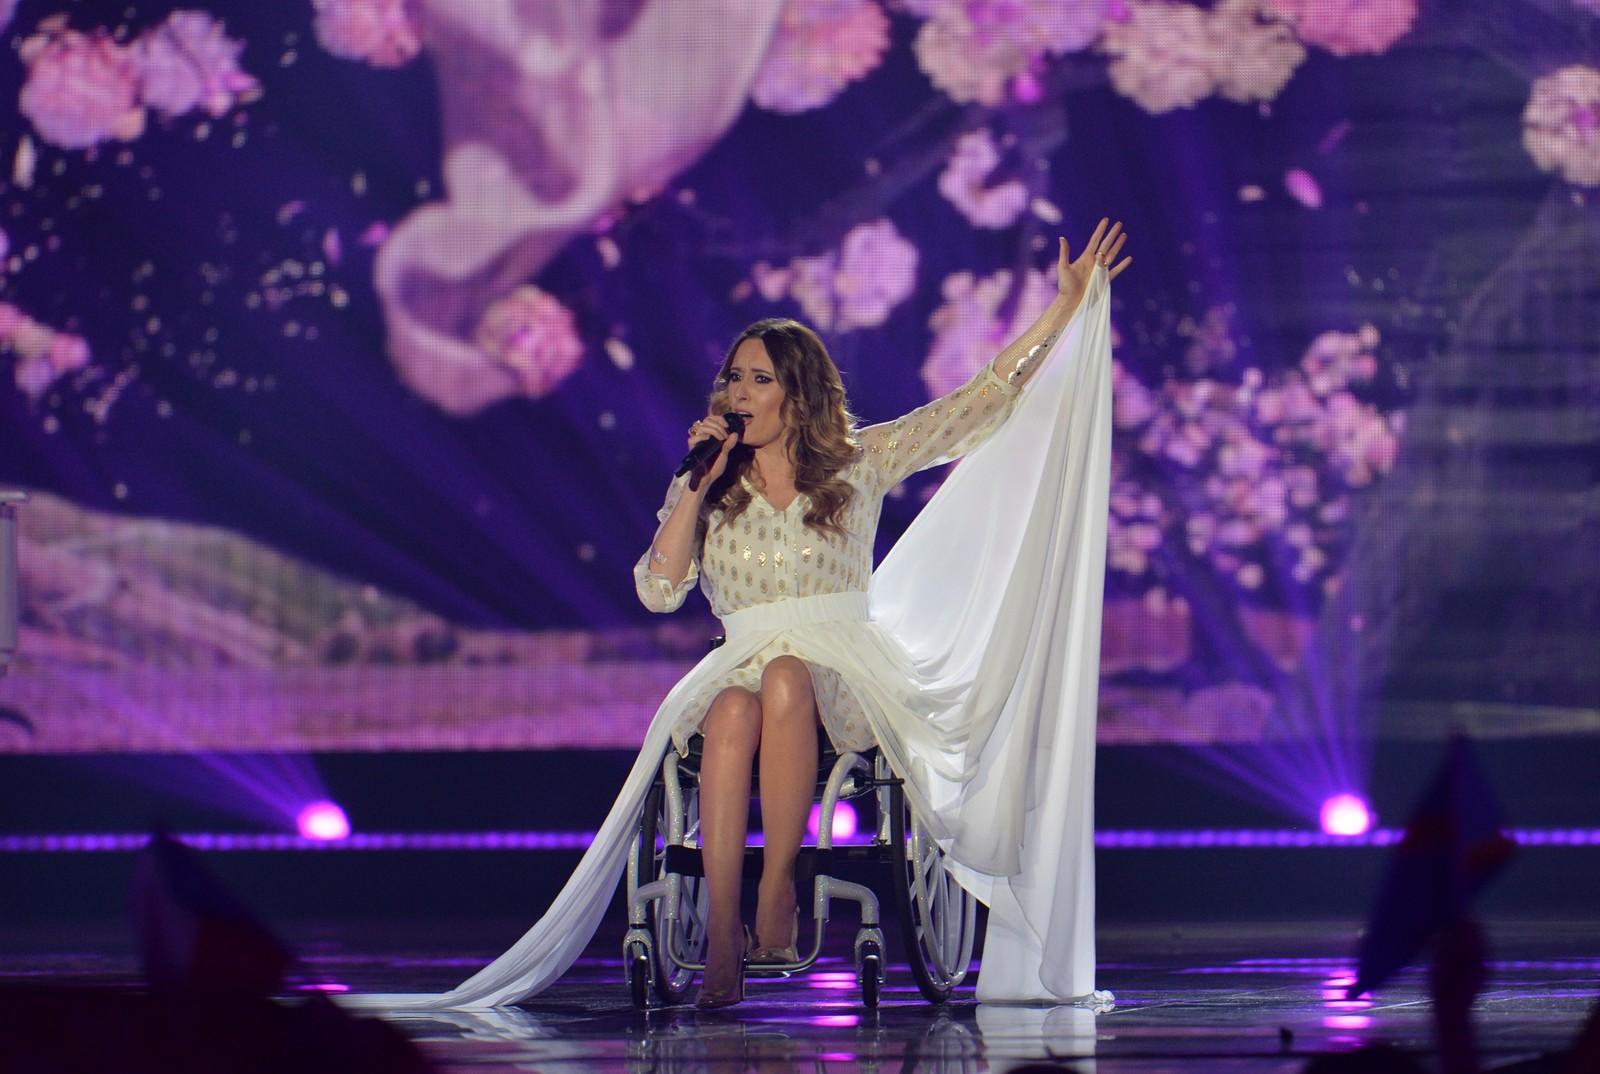 18. POLEN: Monika Kuszynska representerer Polen, og har en spesiell forhistorie. Hun ble utsatt for en bilulykke i 2006, og har siden sittet i rullestol. Monika startet musikkarrieren som solist i det polske bandet Varius Manx i 2001, og i Eurovisionfinalen synger hun låta «In the name of love».